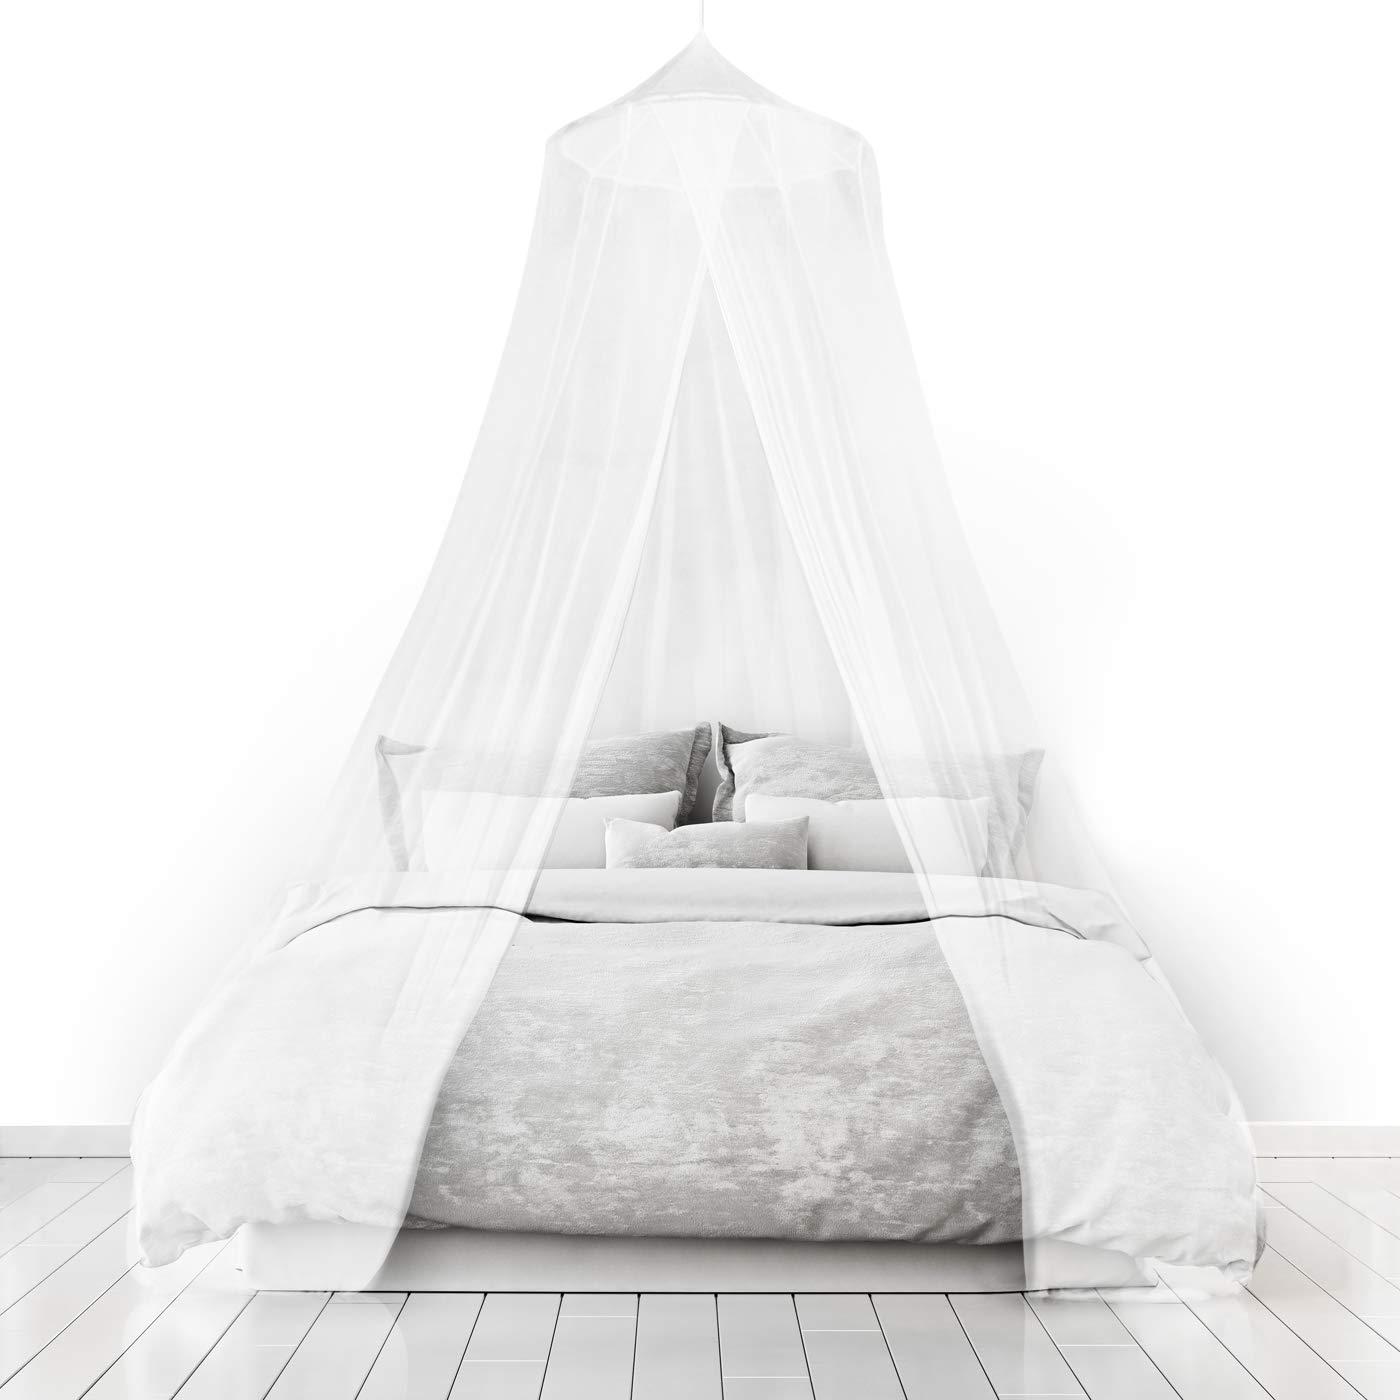 Home and More Store Ltd Moustiquaires 4 U blanc moustiquaire ciel de lit pour vacances et d'accueil Pleine couverture 12 mètres Jusqu'à Kingsize Irritation de la peau non Sac de Voyage Gratuit V4-UEFK-KM28